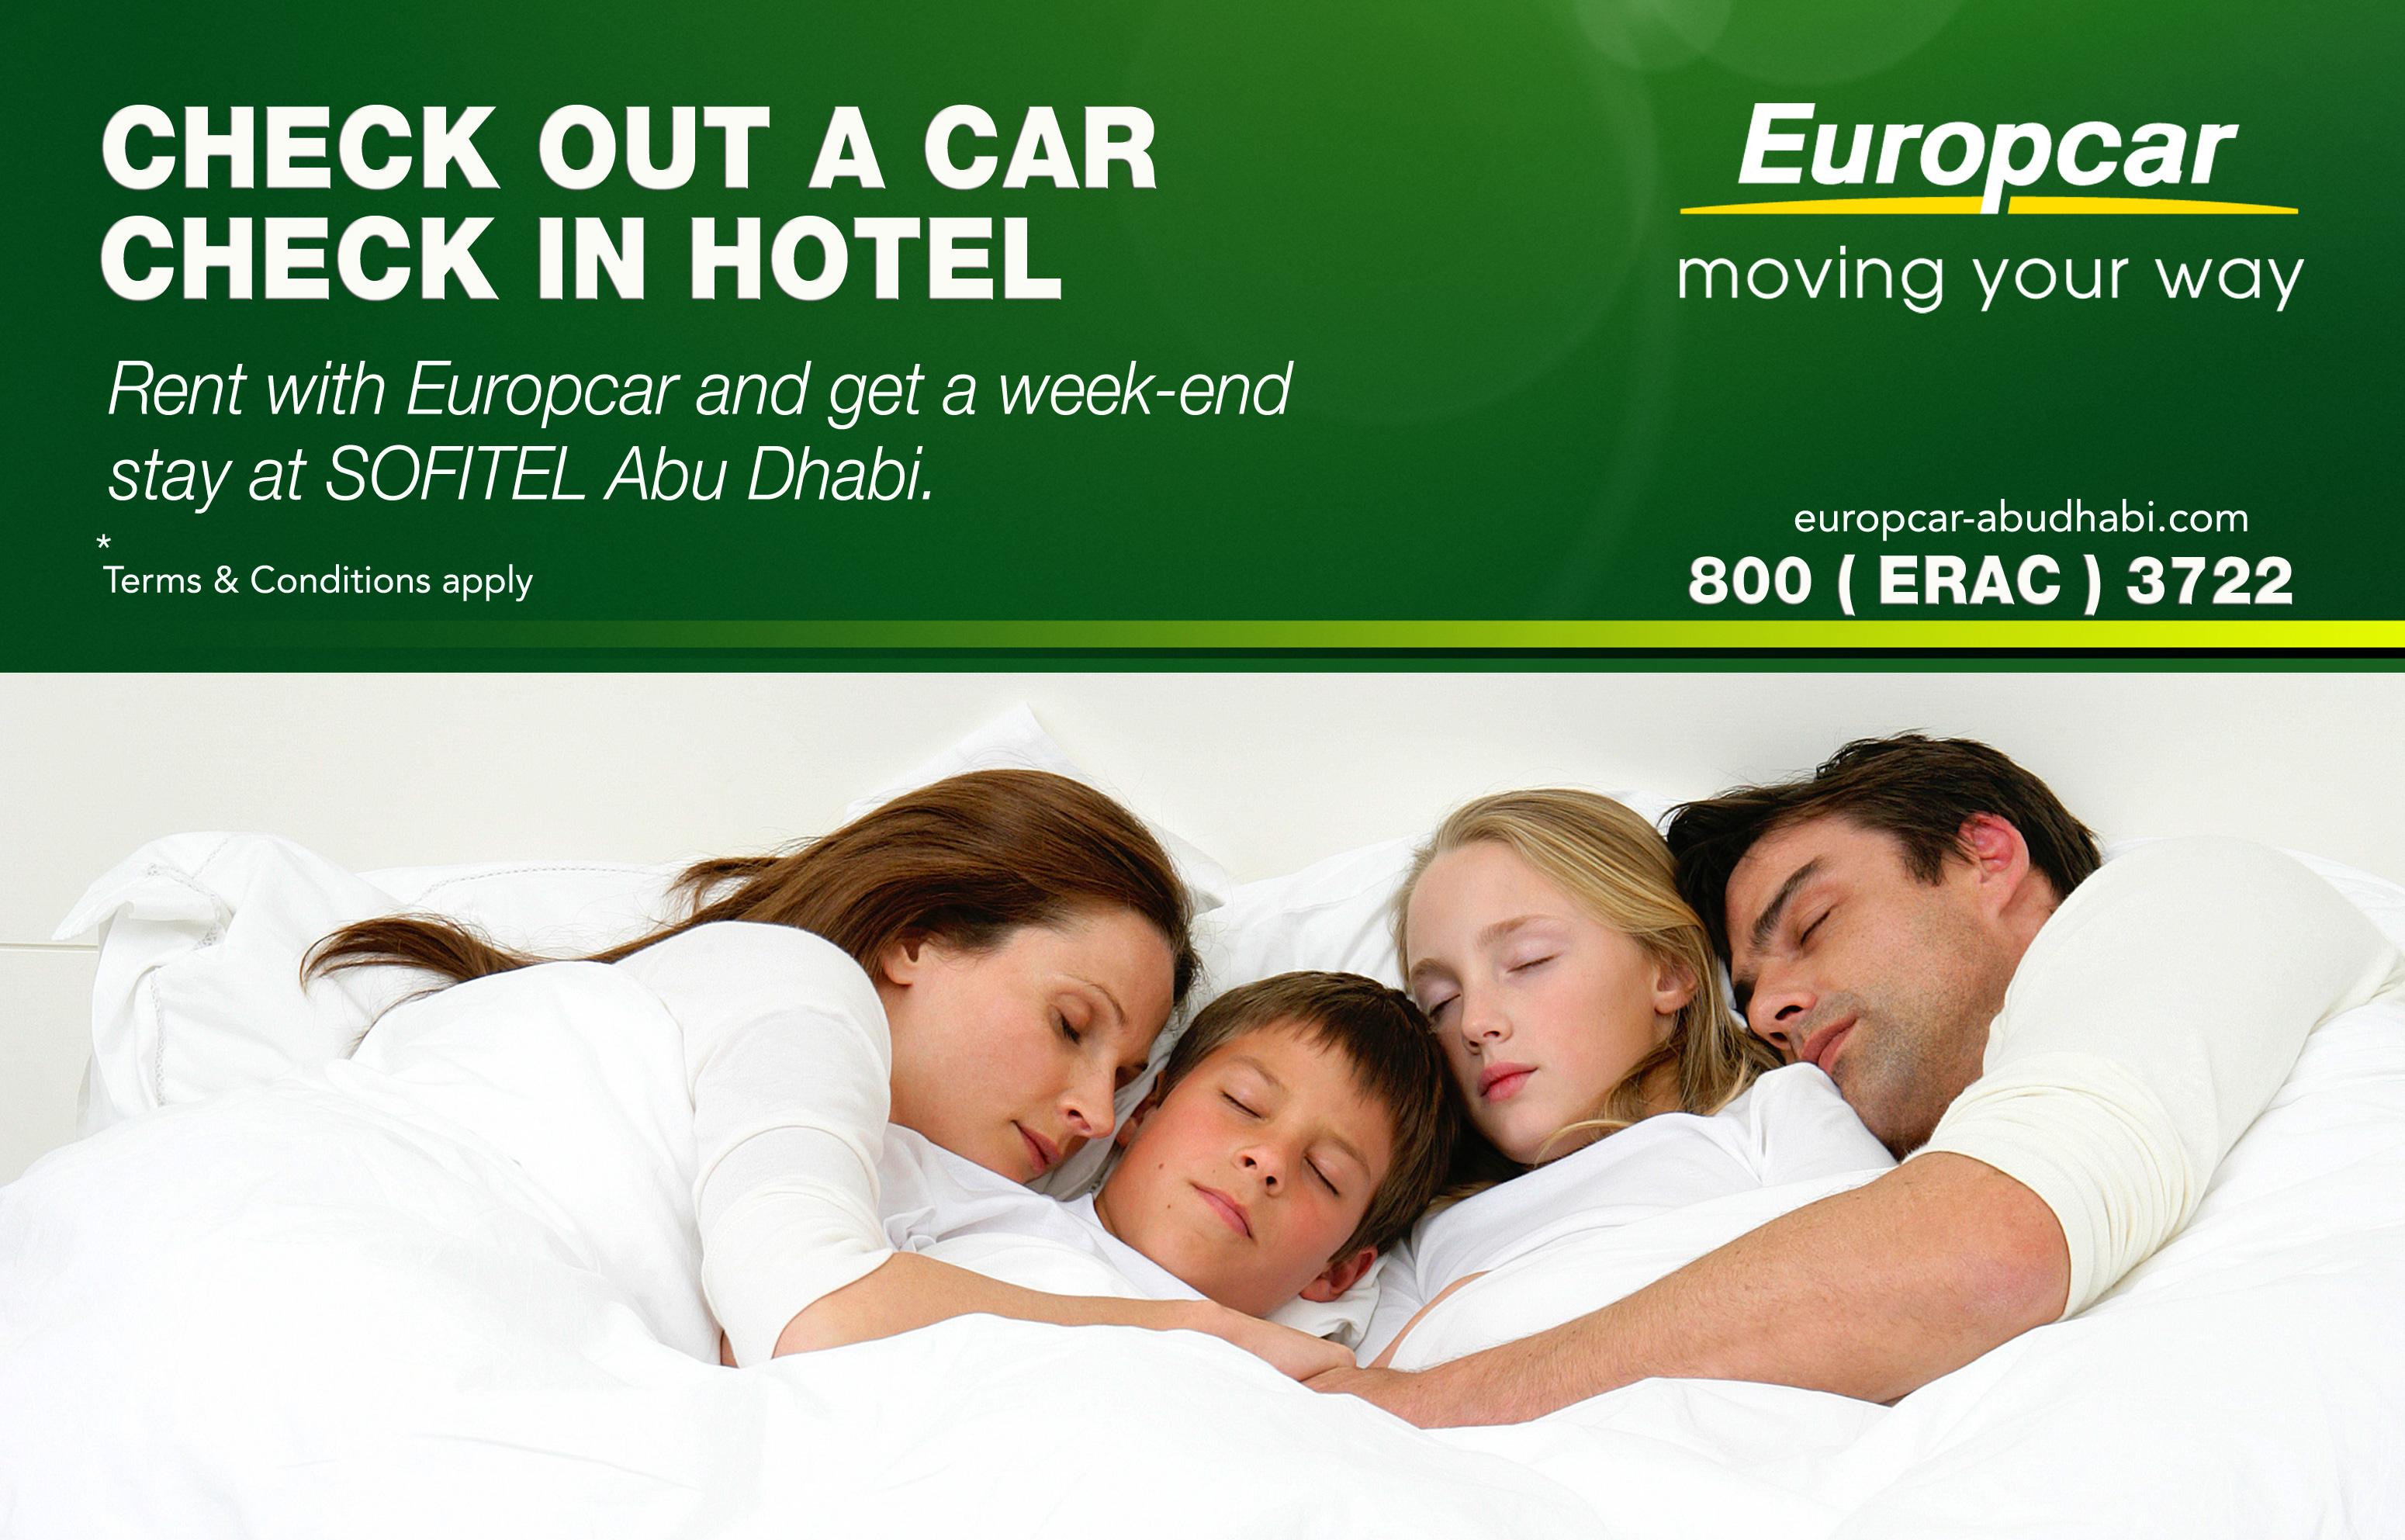 Europcar Abu Dhabi Hotel